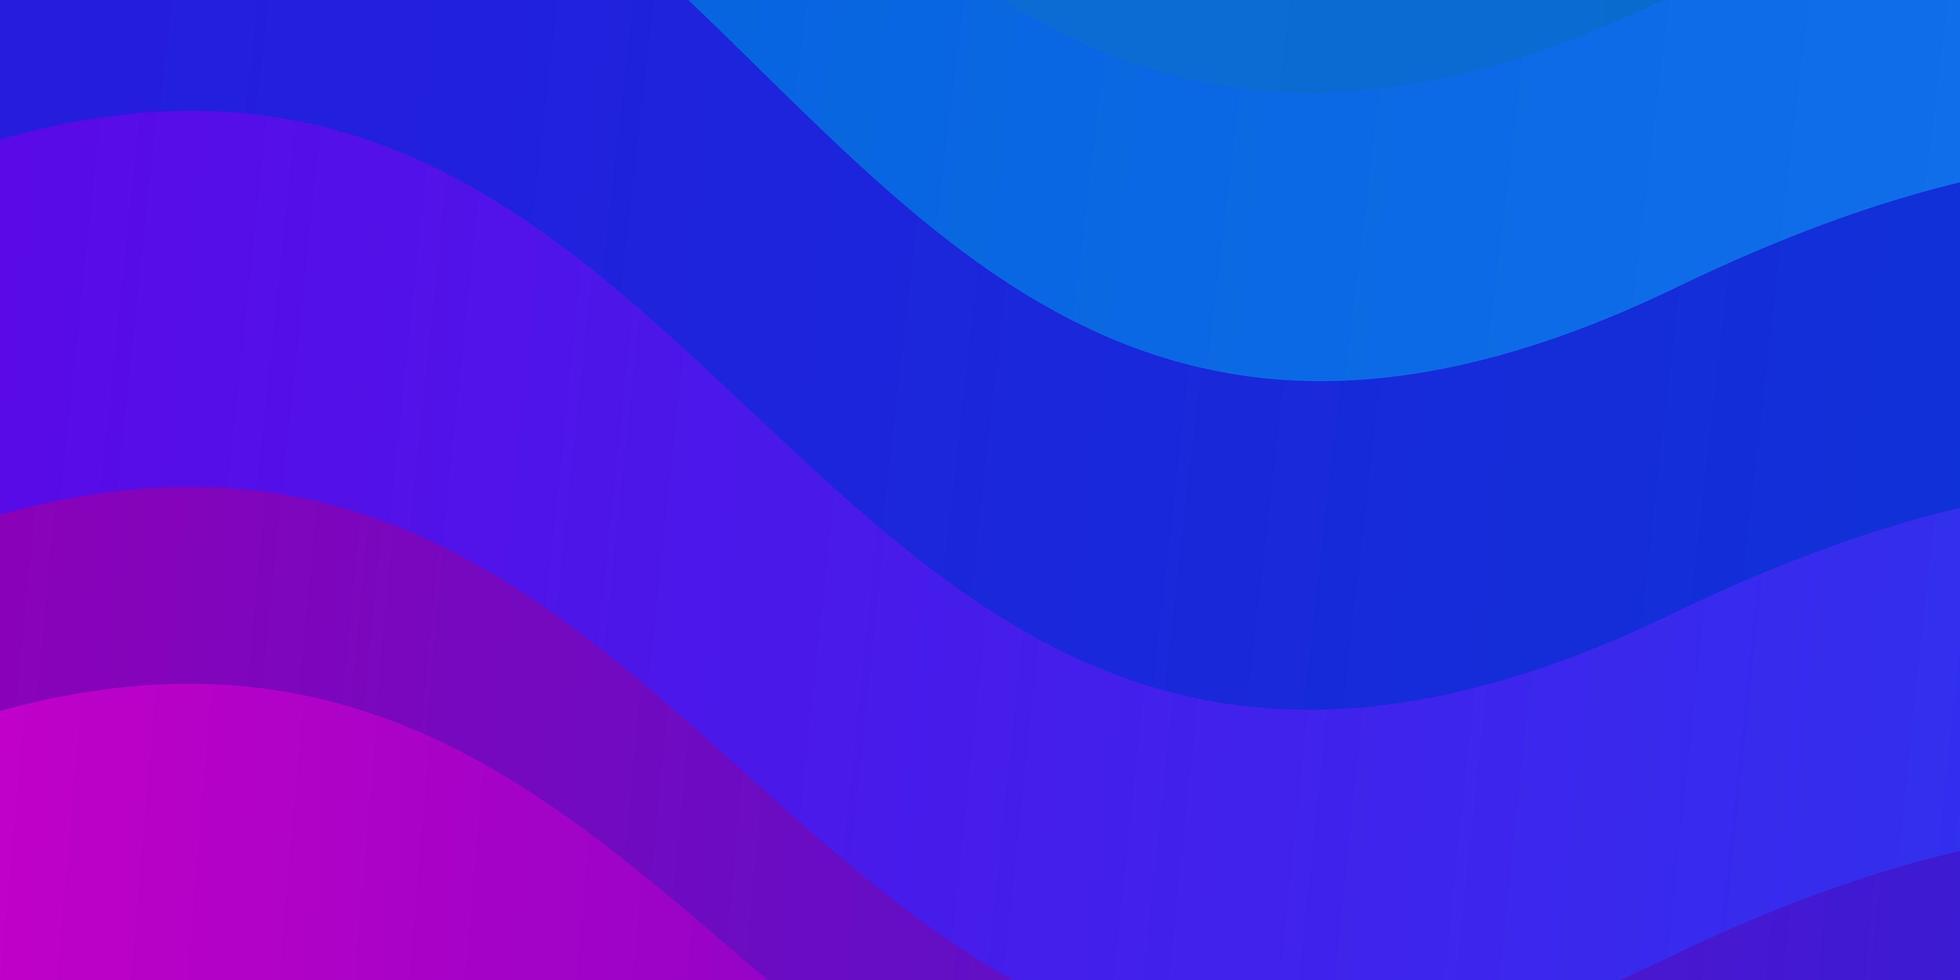 sfondo vettoriale rosa chiaro, blu con curve.